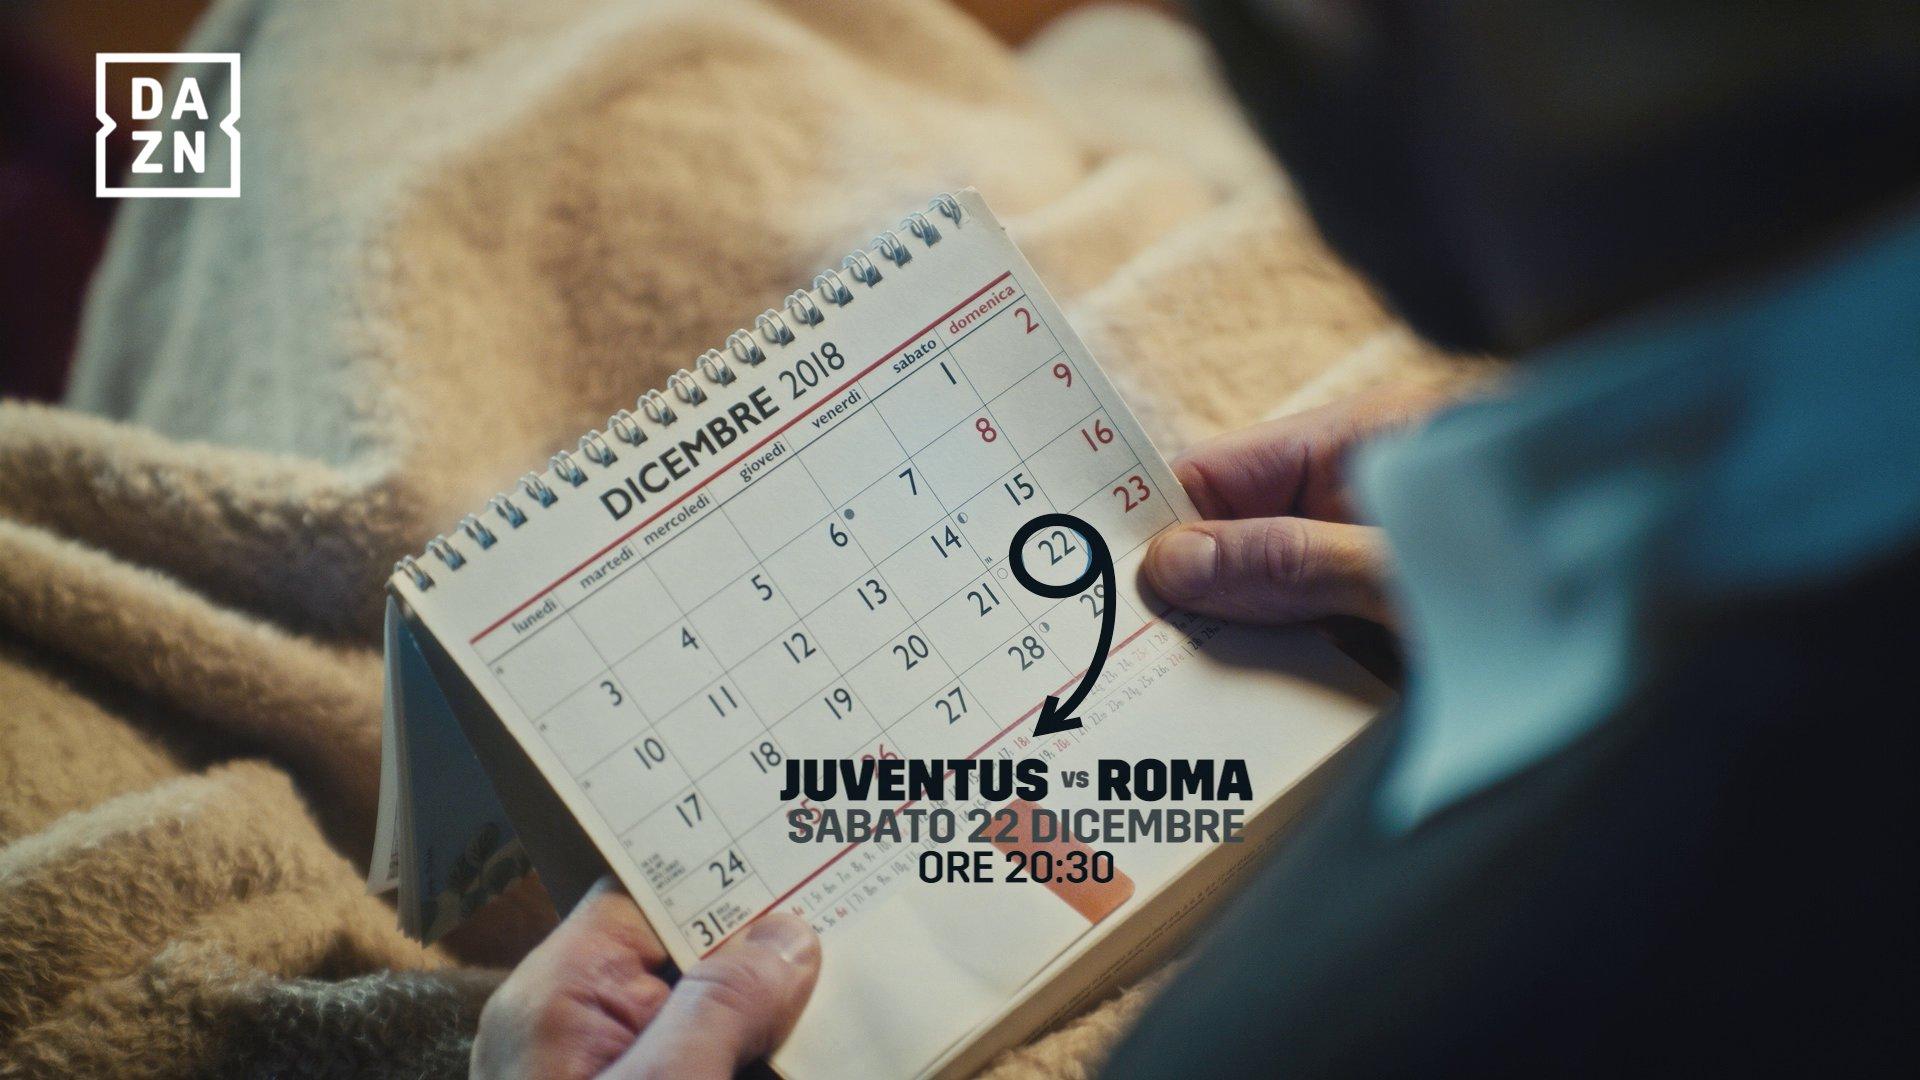 DAZN, Serie A 17a Giornata, Diretta Esclusiva, Palinsesto e Telecronisti